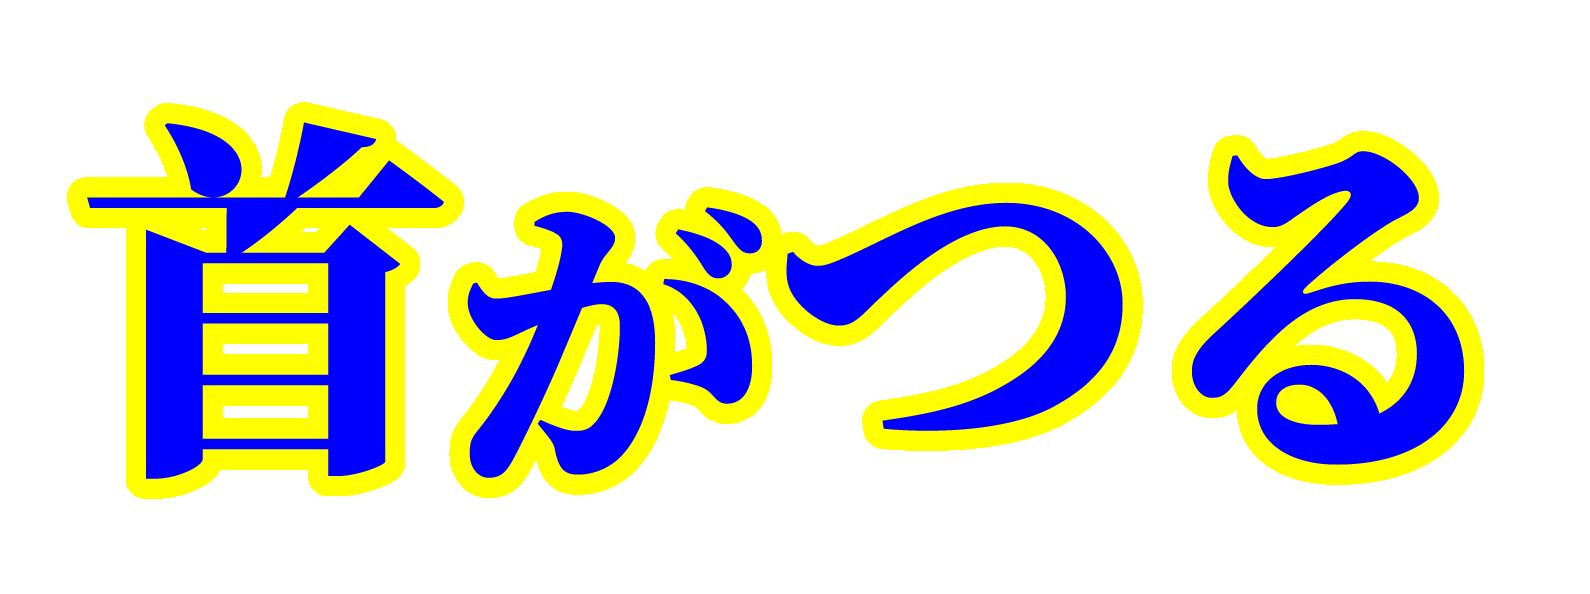 「首がつる」文字デザインイラスト!無料ダウンロード素材